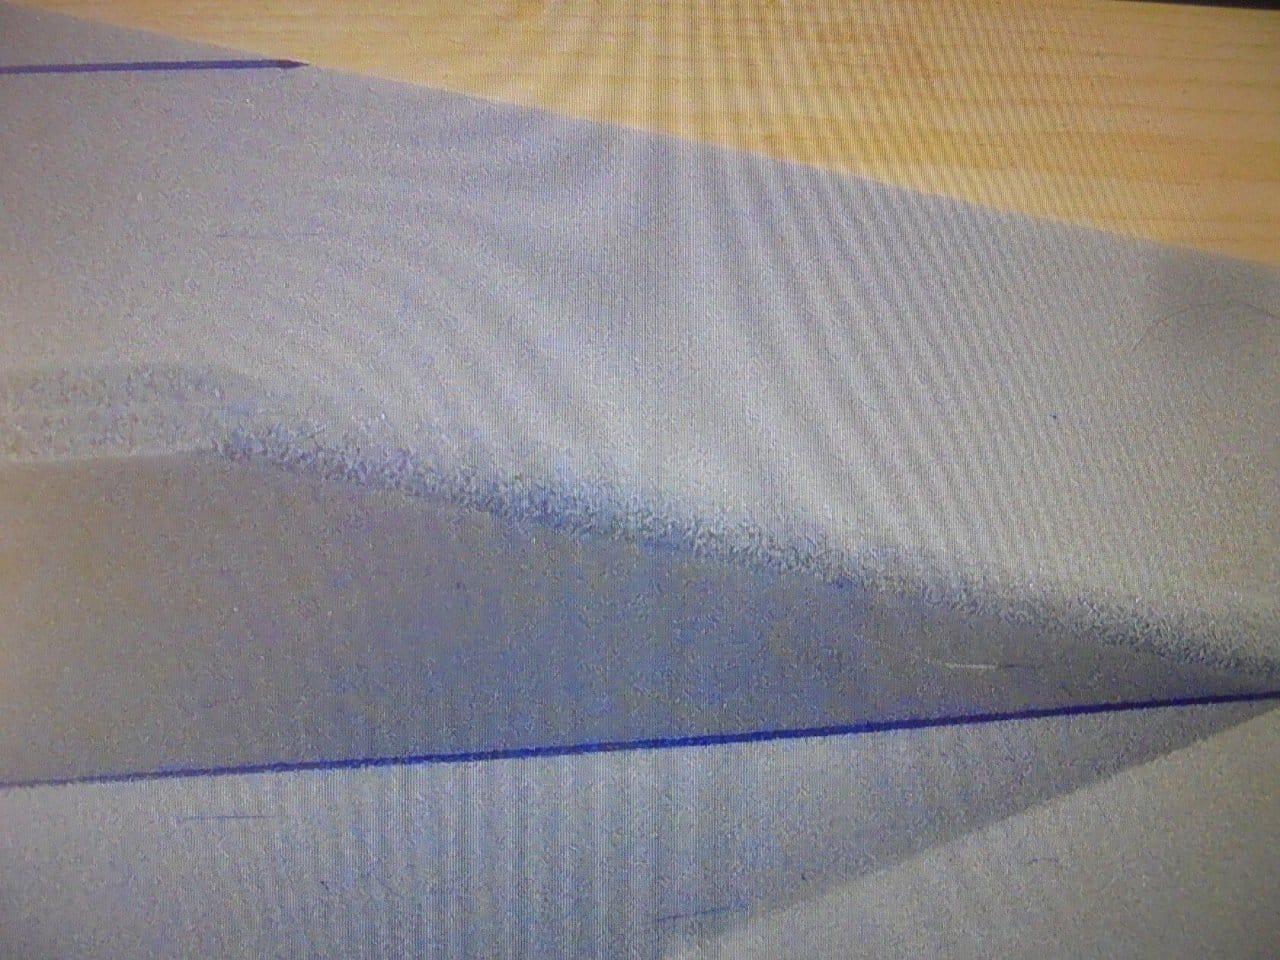 Seaplane STRIZH - Seaplane STRIZH from underlay under laminate